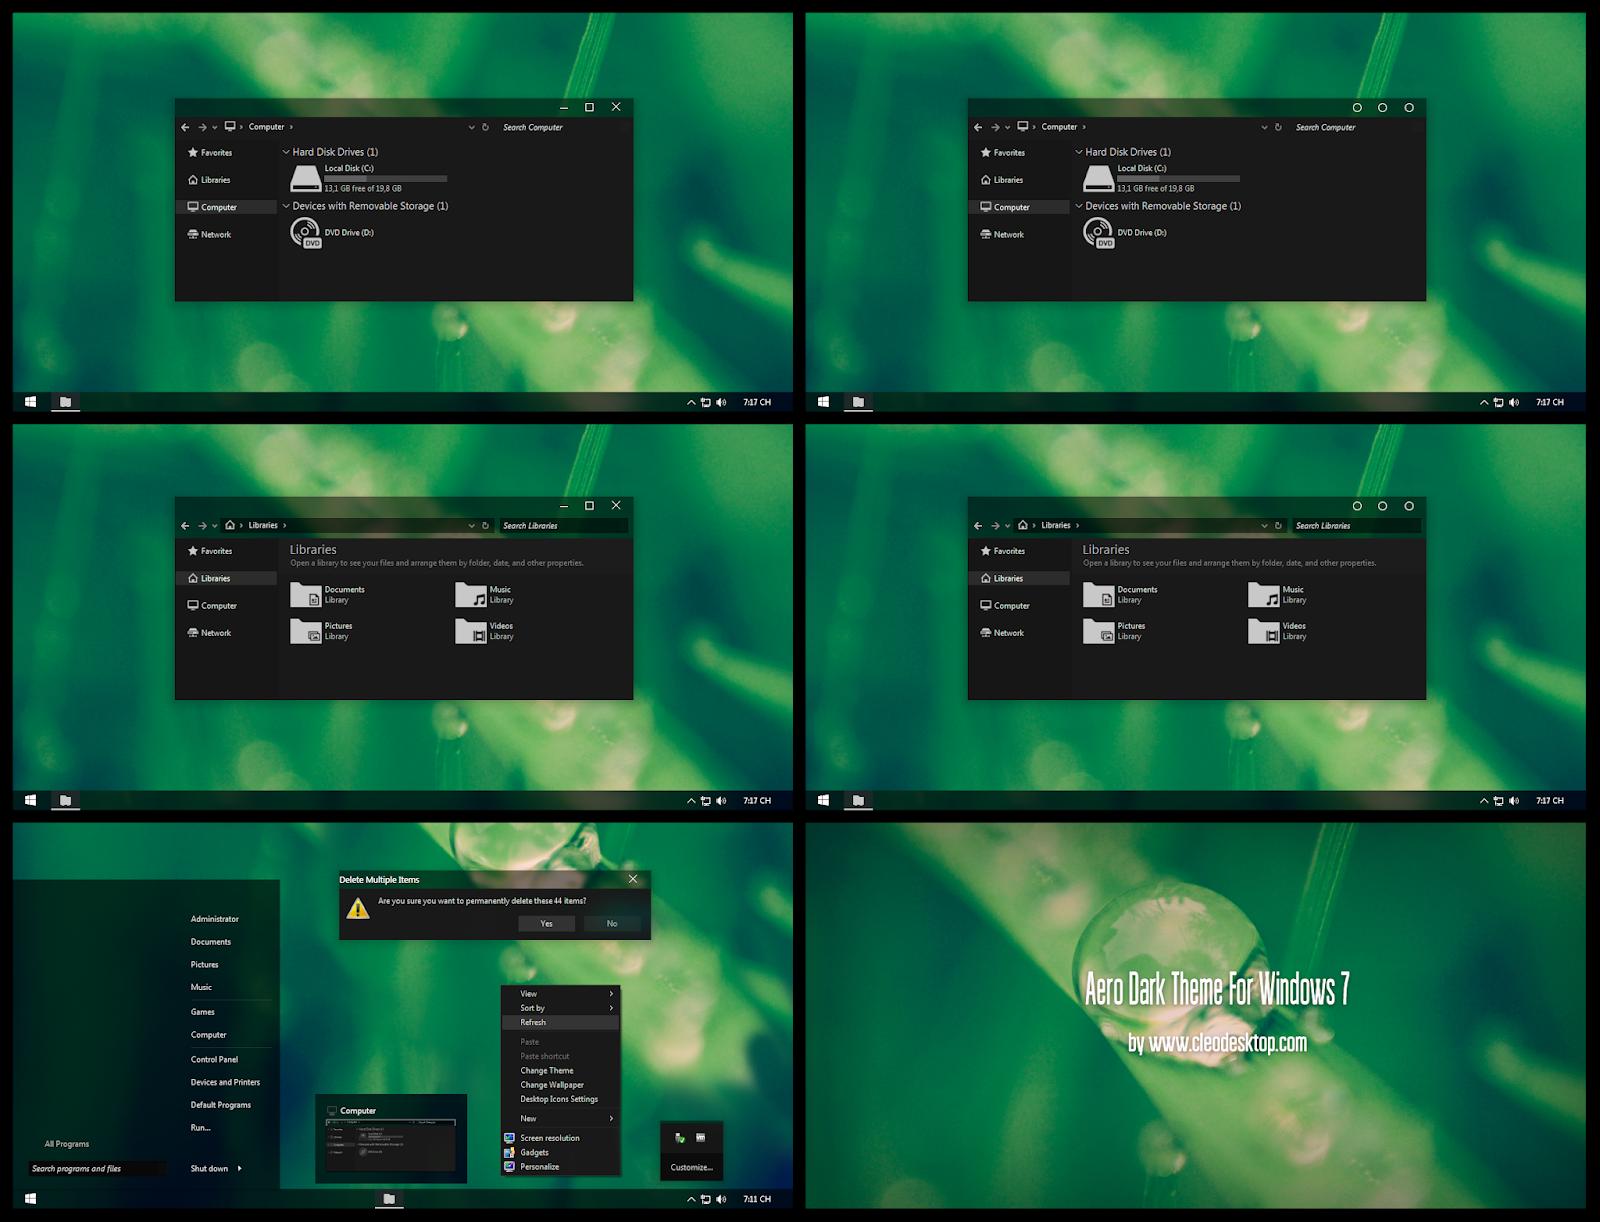 windows 7 aero glass theme for xp